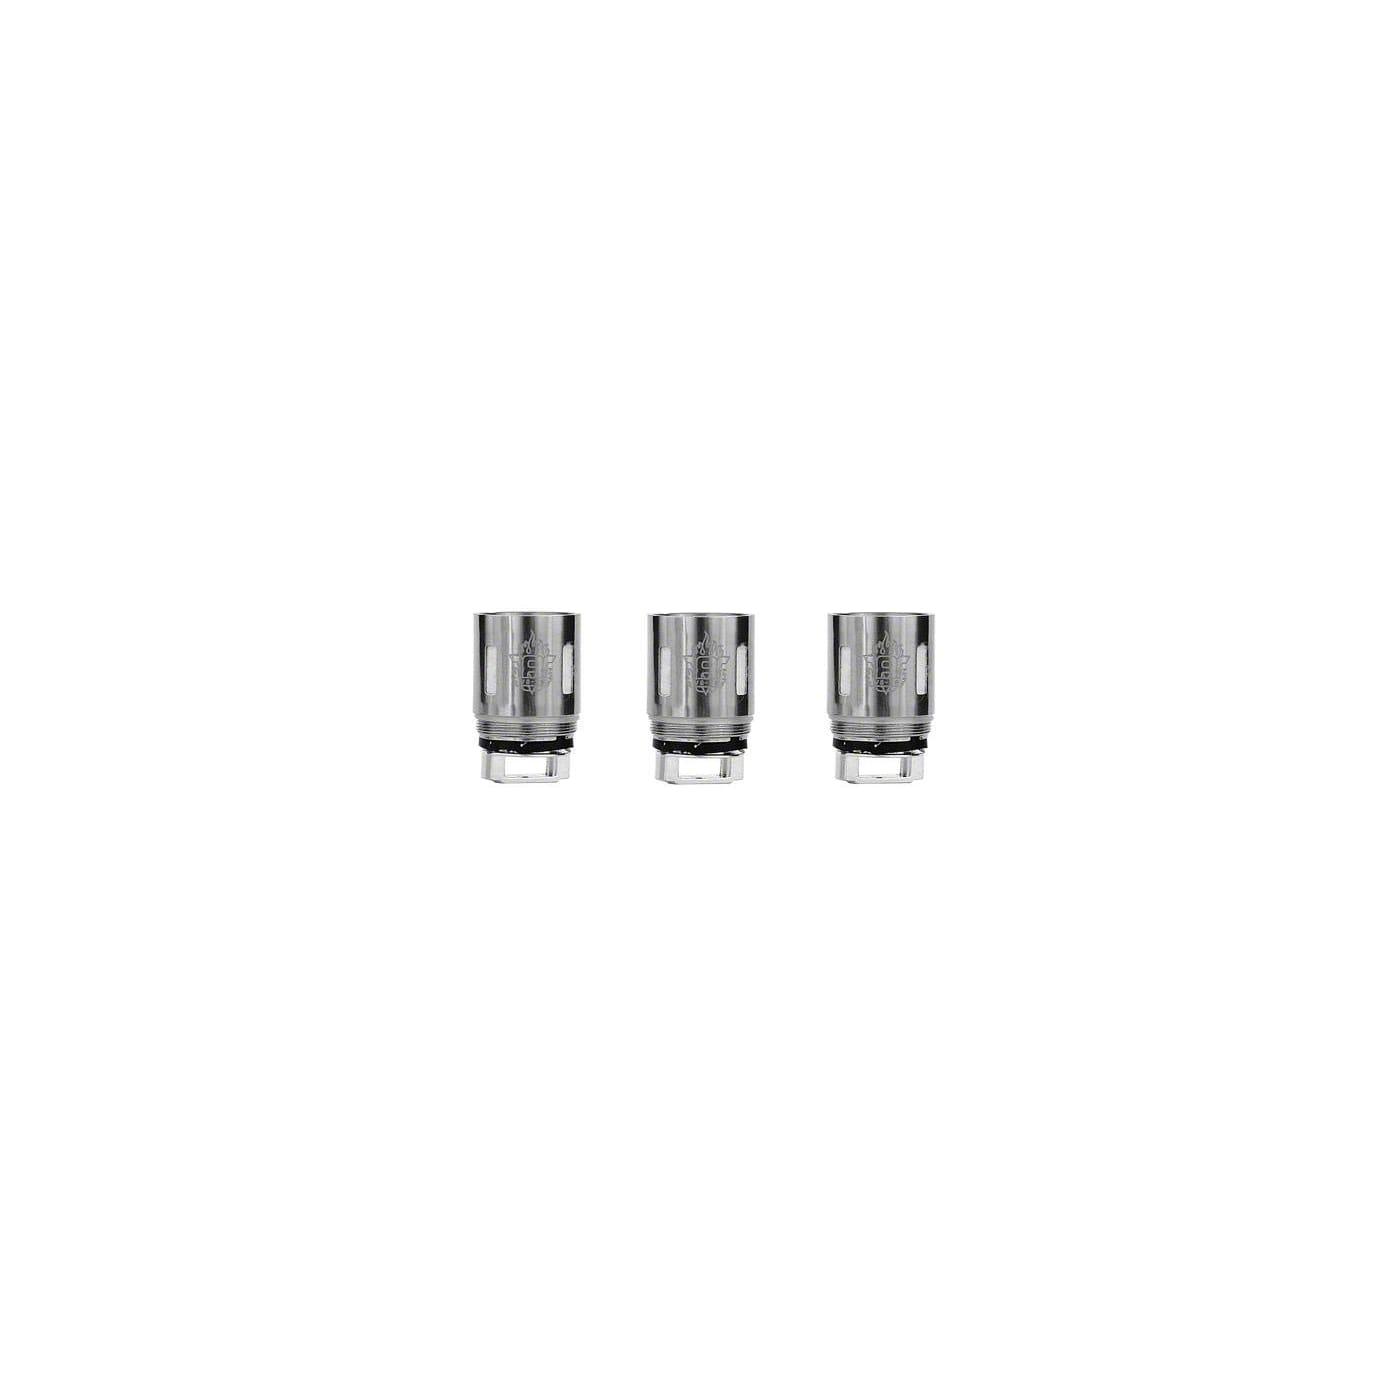 Smok V8-T8 Coils - 3 Pack